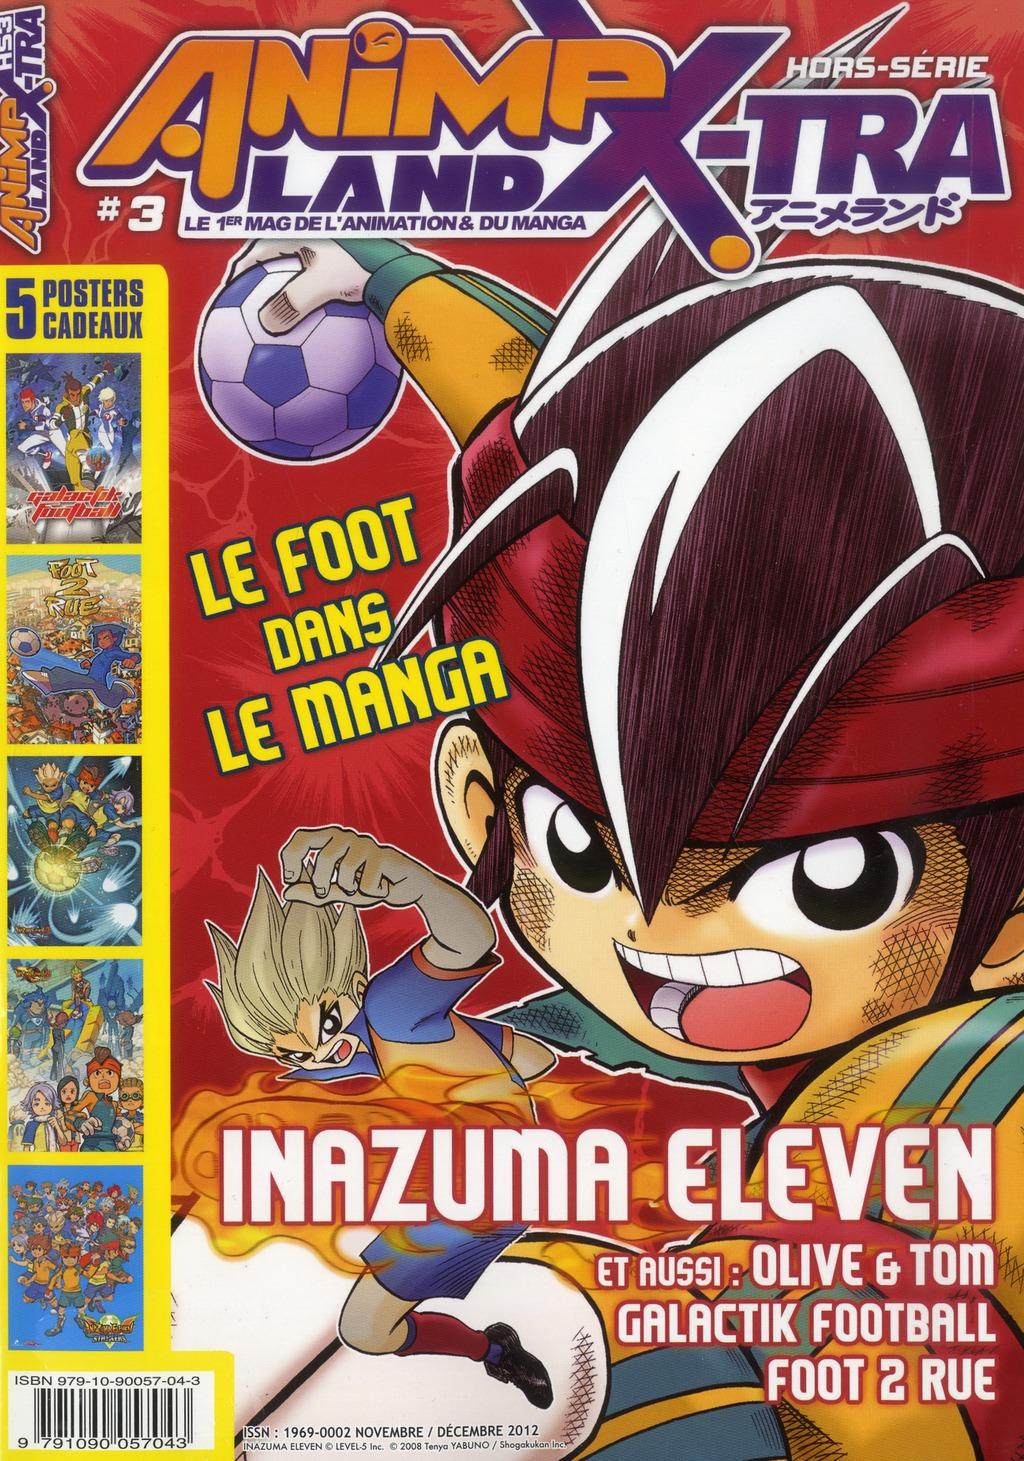 Animeland X-tra n.3